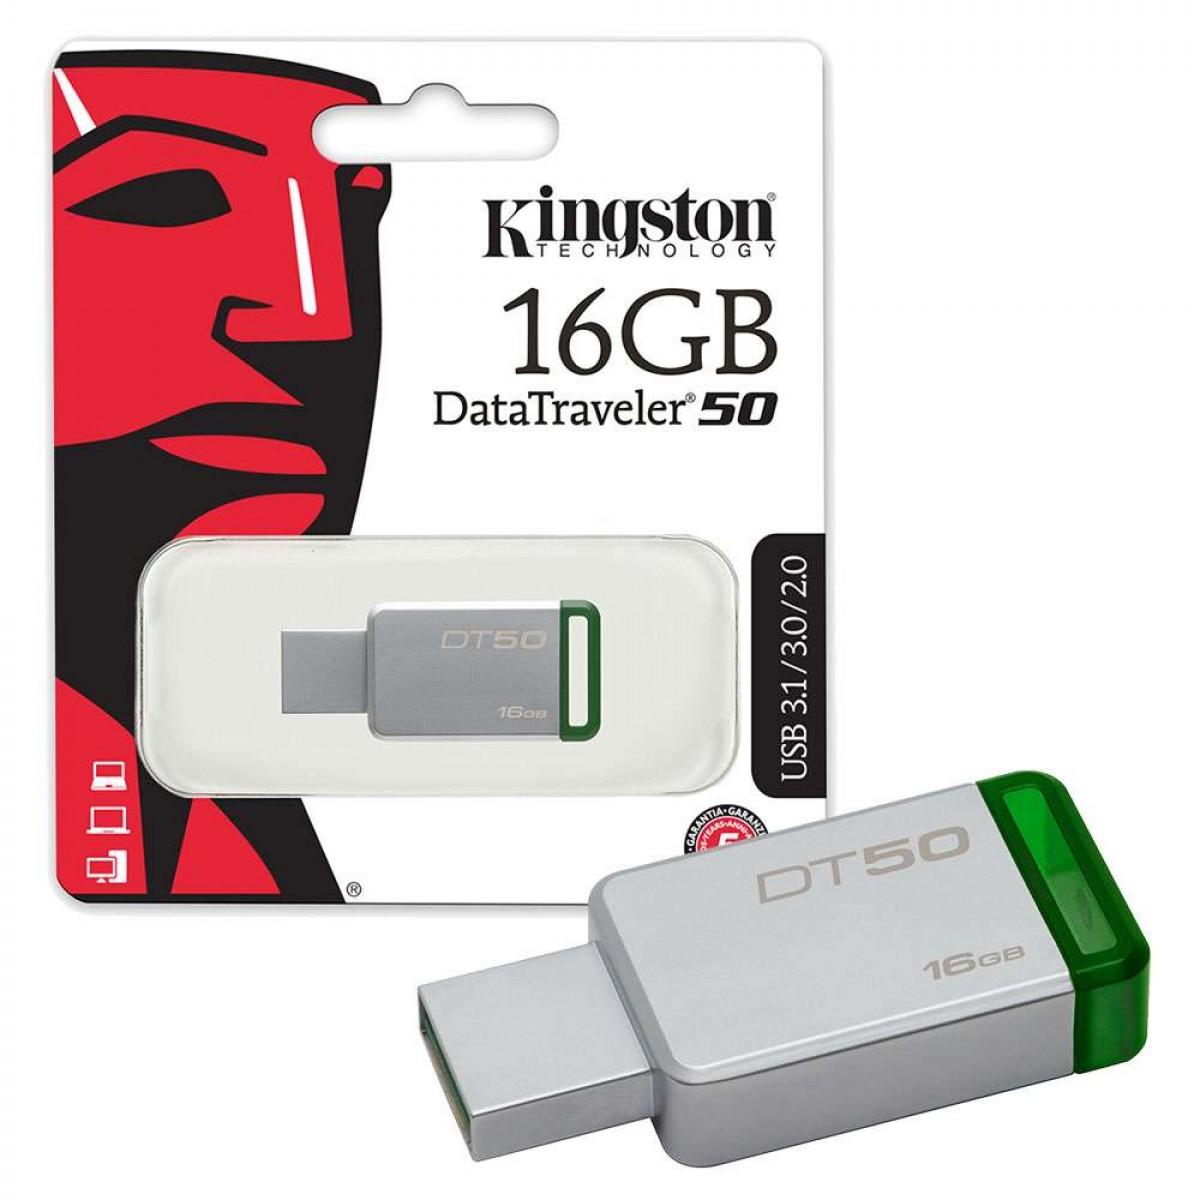 RAM USB 16GB FLASH KINGSTON DataTraveler 50 USB 3.0 ,Flash Memory